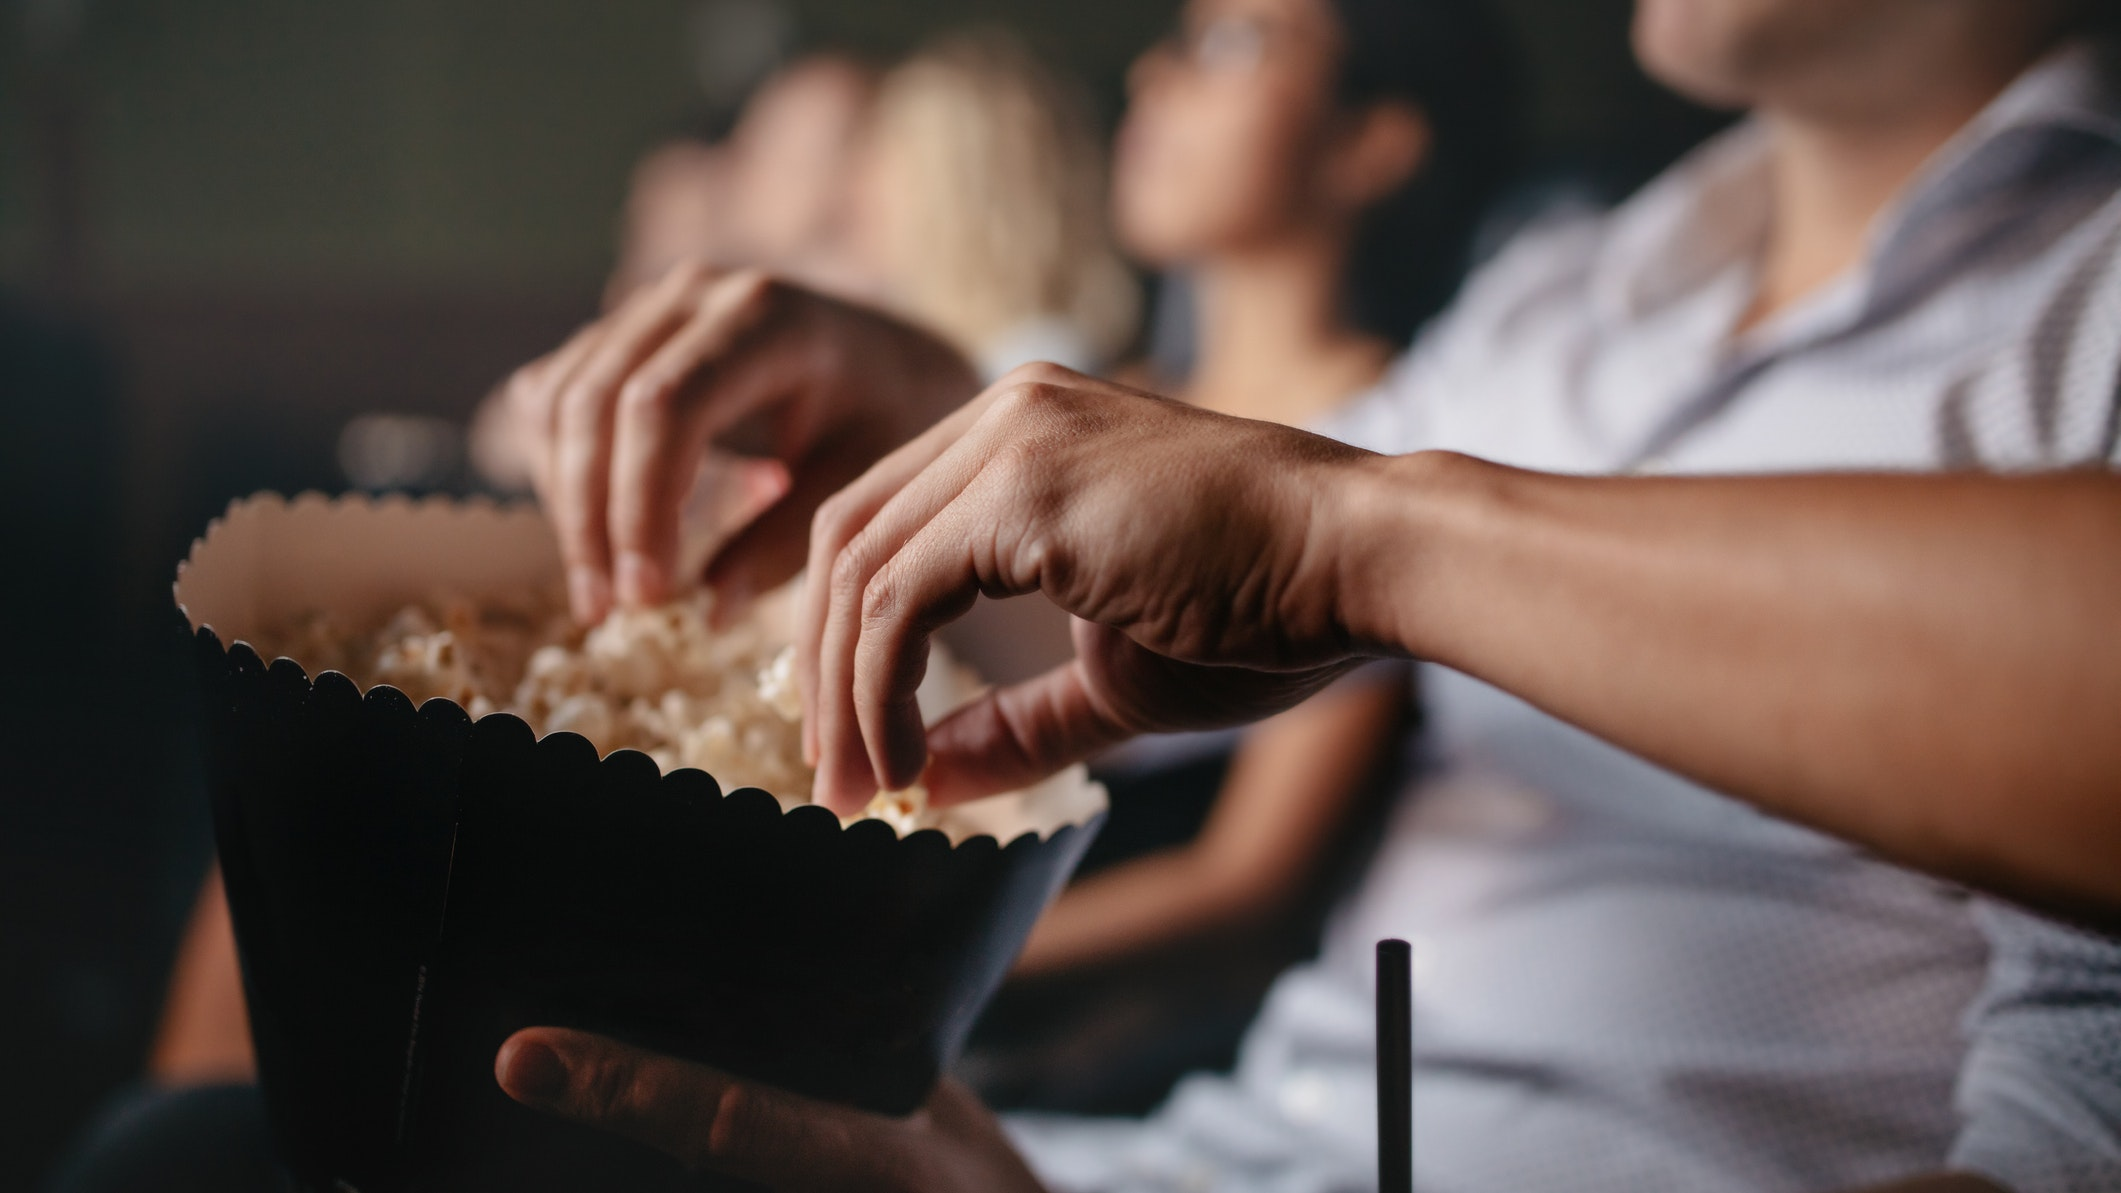 Кинотеатры заработали напродаже попкорна инапитков 22 млрд рублей